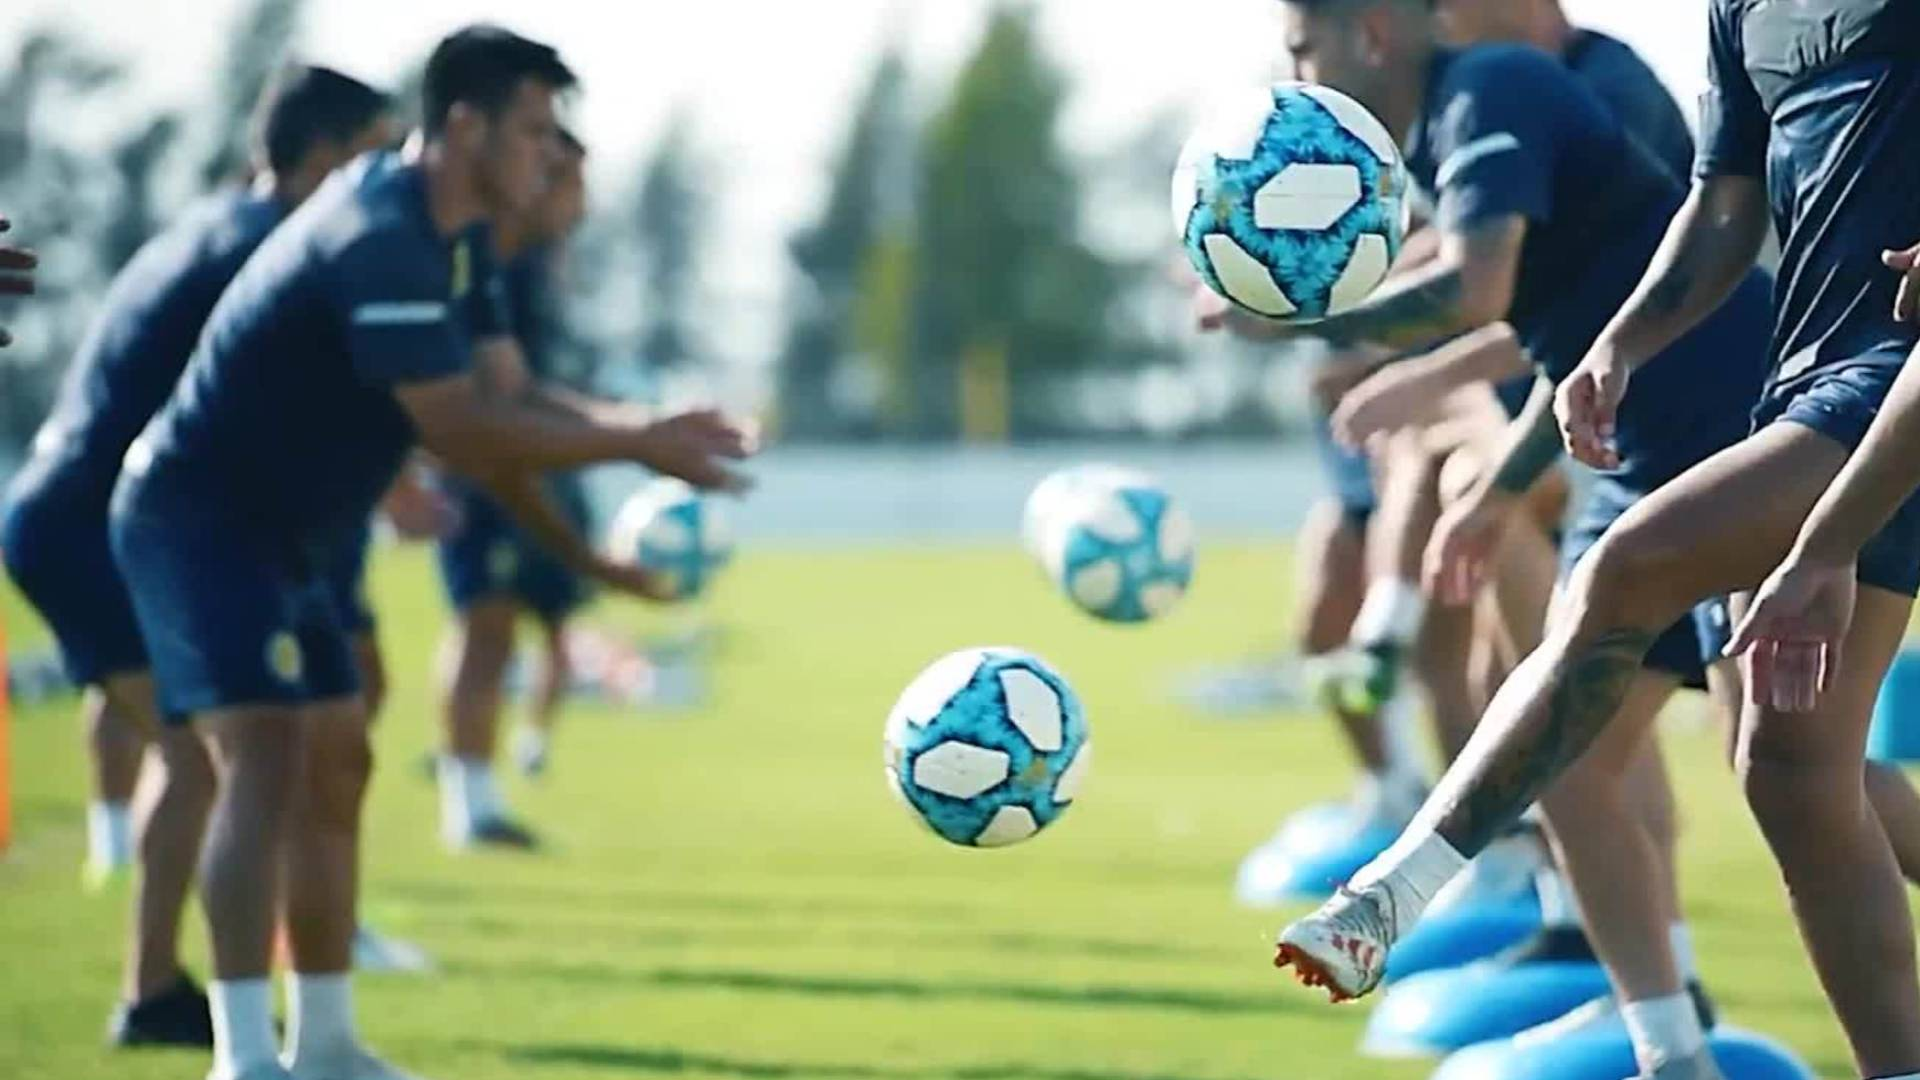 Después de los hisopados, el regreso a las prácticas en el fútbol profesional.